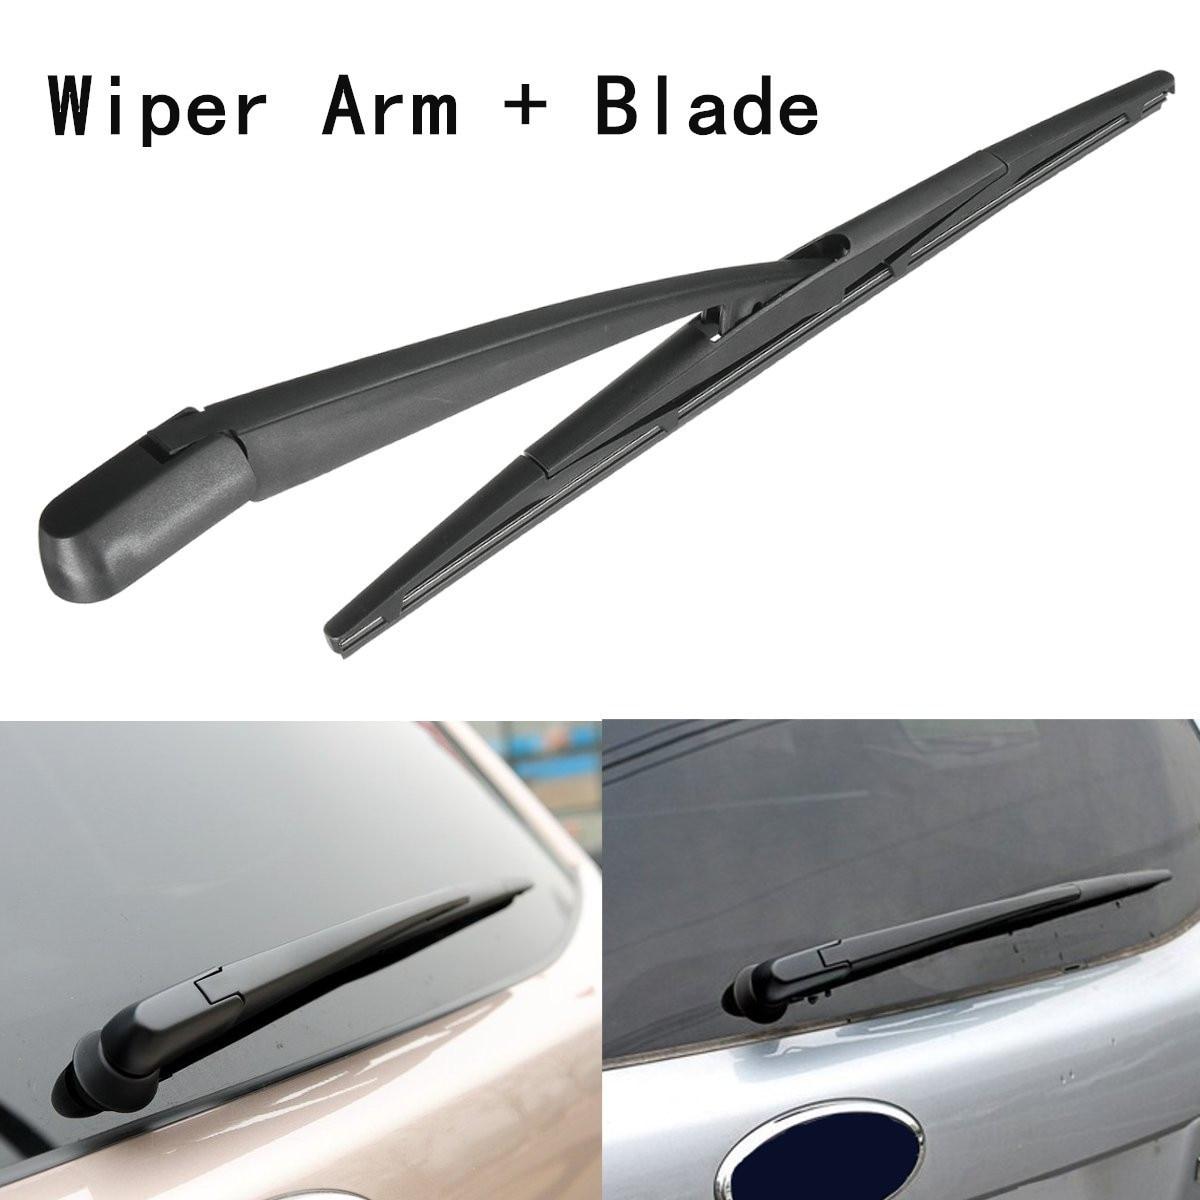 Heckscheibe Fenster Kunststoff Wischerarm & Blade Für Honda Für CR-V Für Subaru Outback/Impreza/Tribeca/Legacy